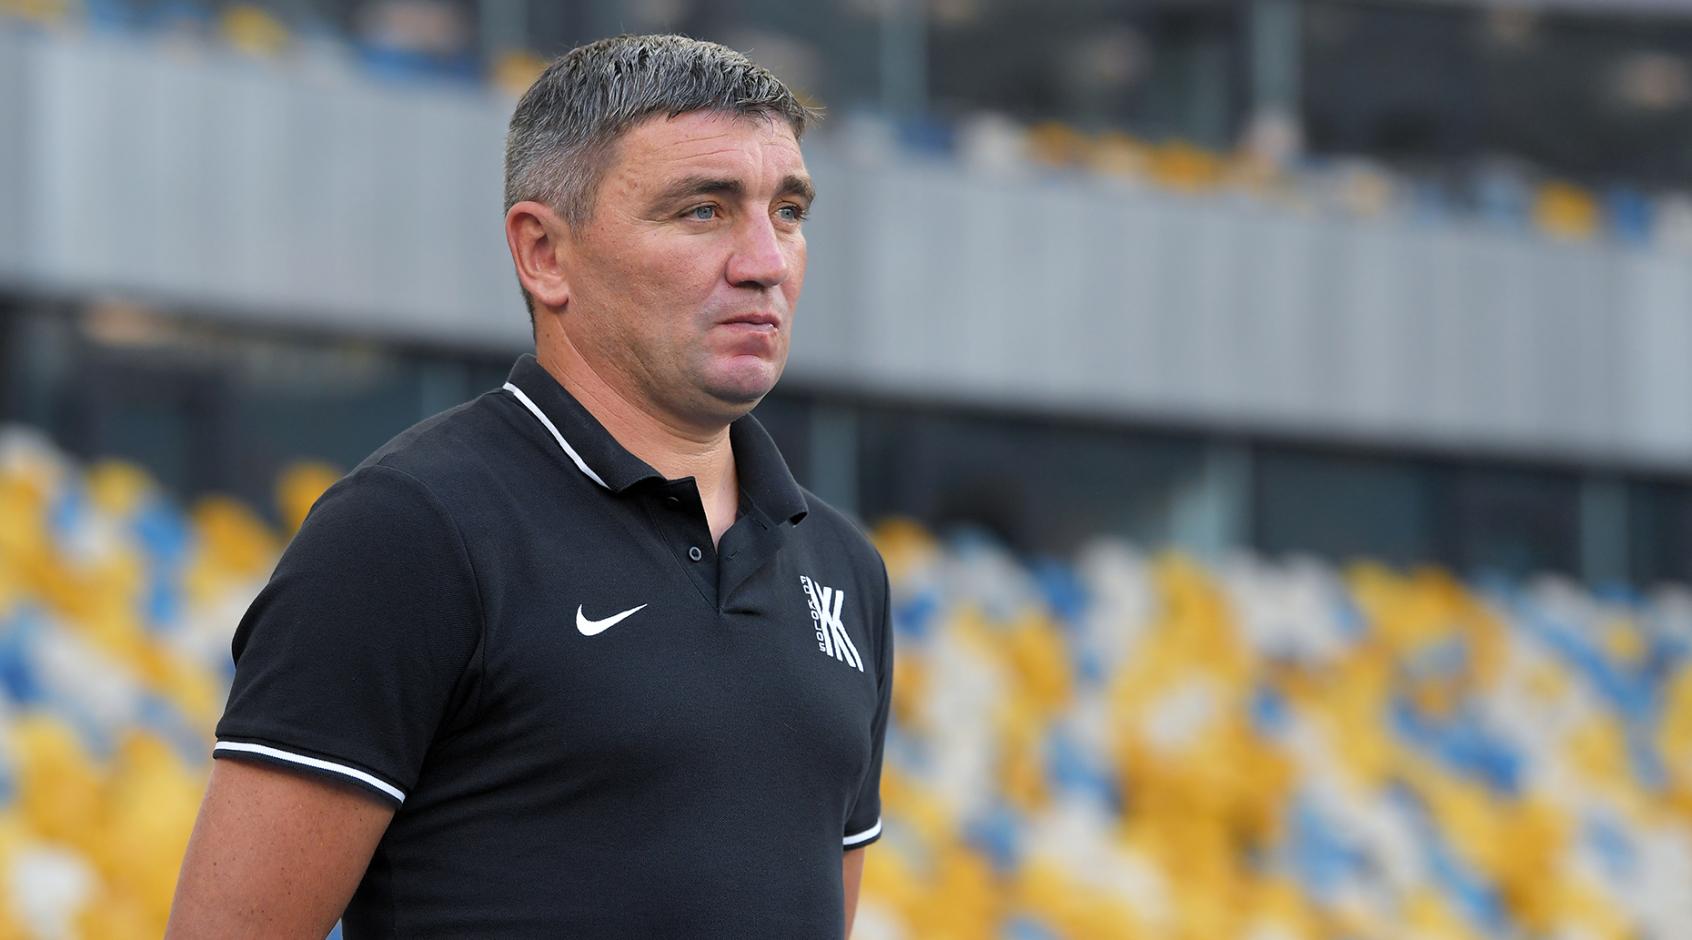 """Руслан Костишин: """"Як тільки гравці """"Колосу"""" погіршать роботу - будуть проблеми"""" (Відео)"""